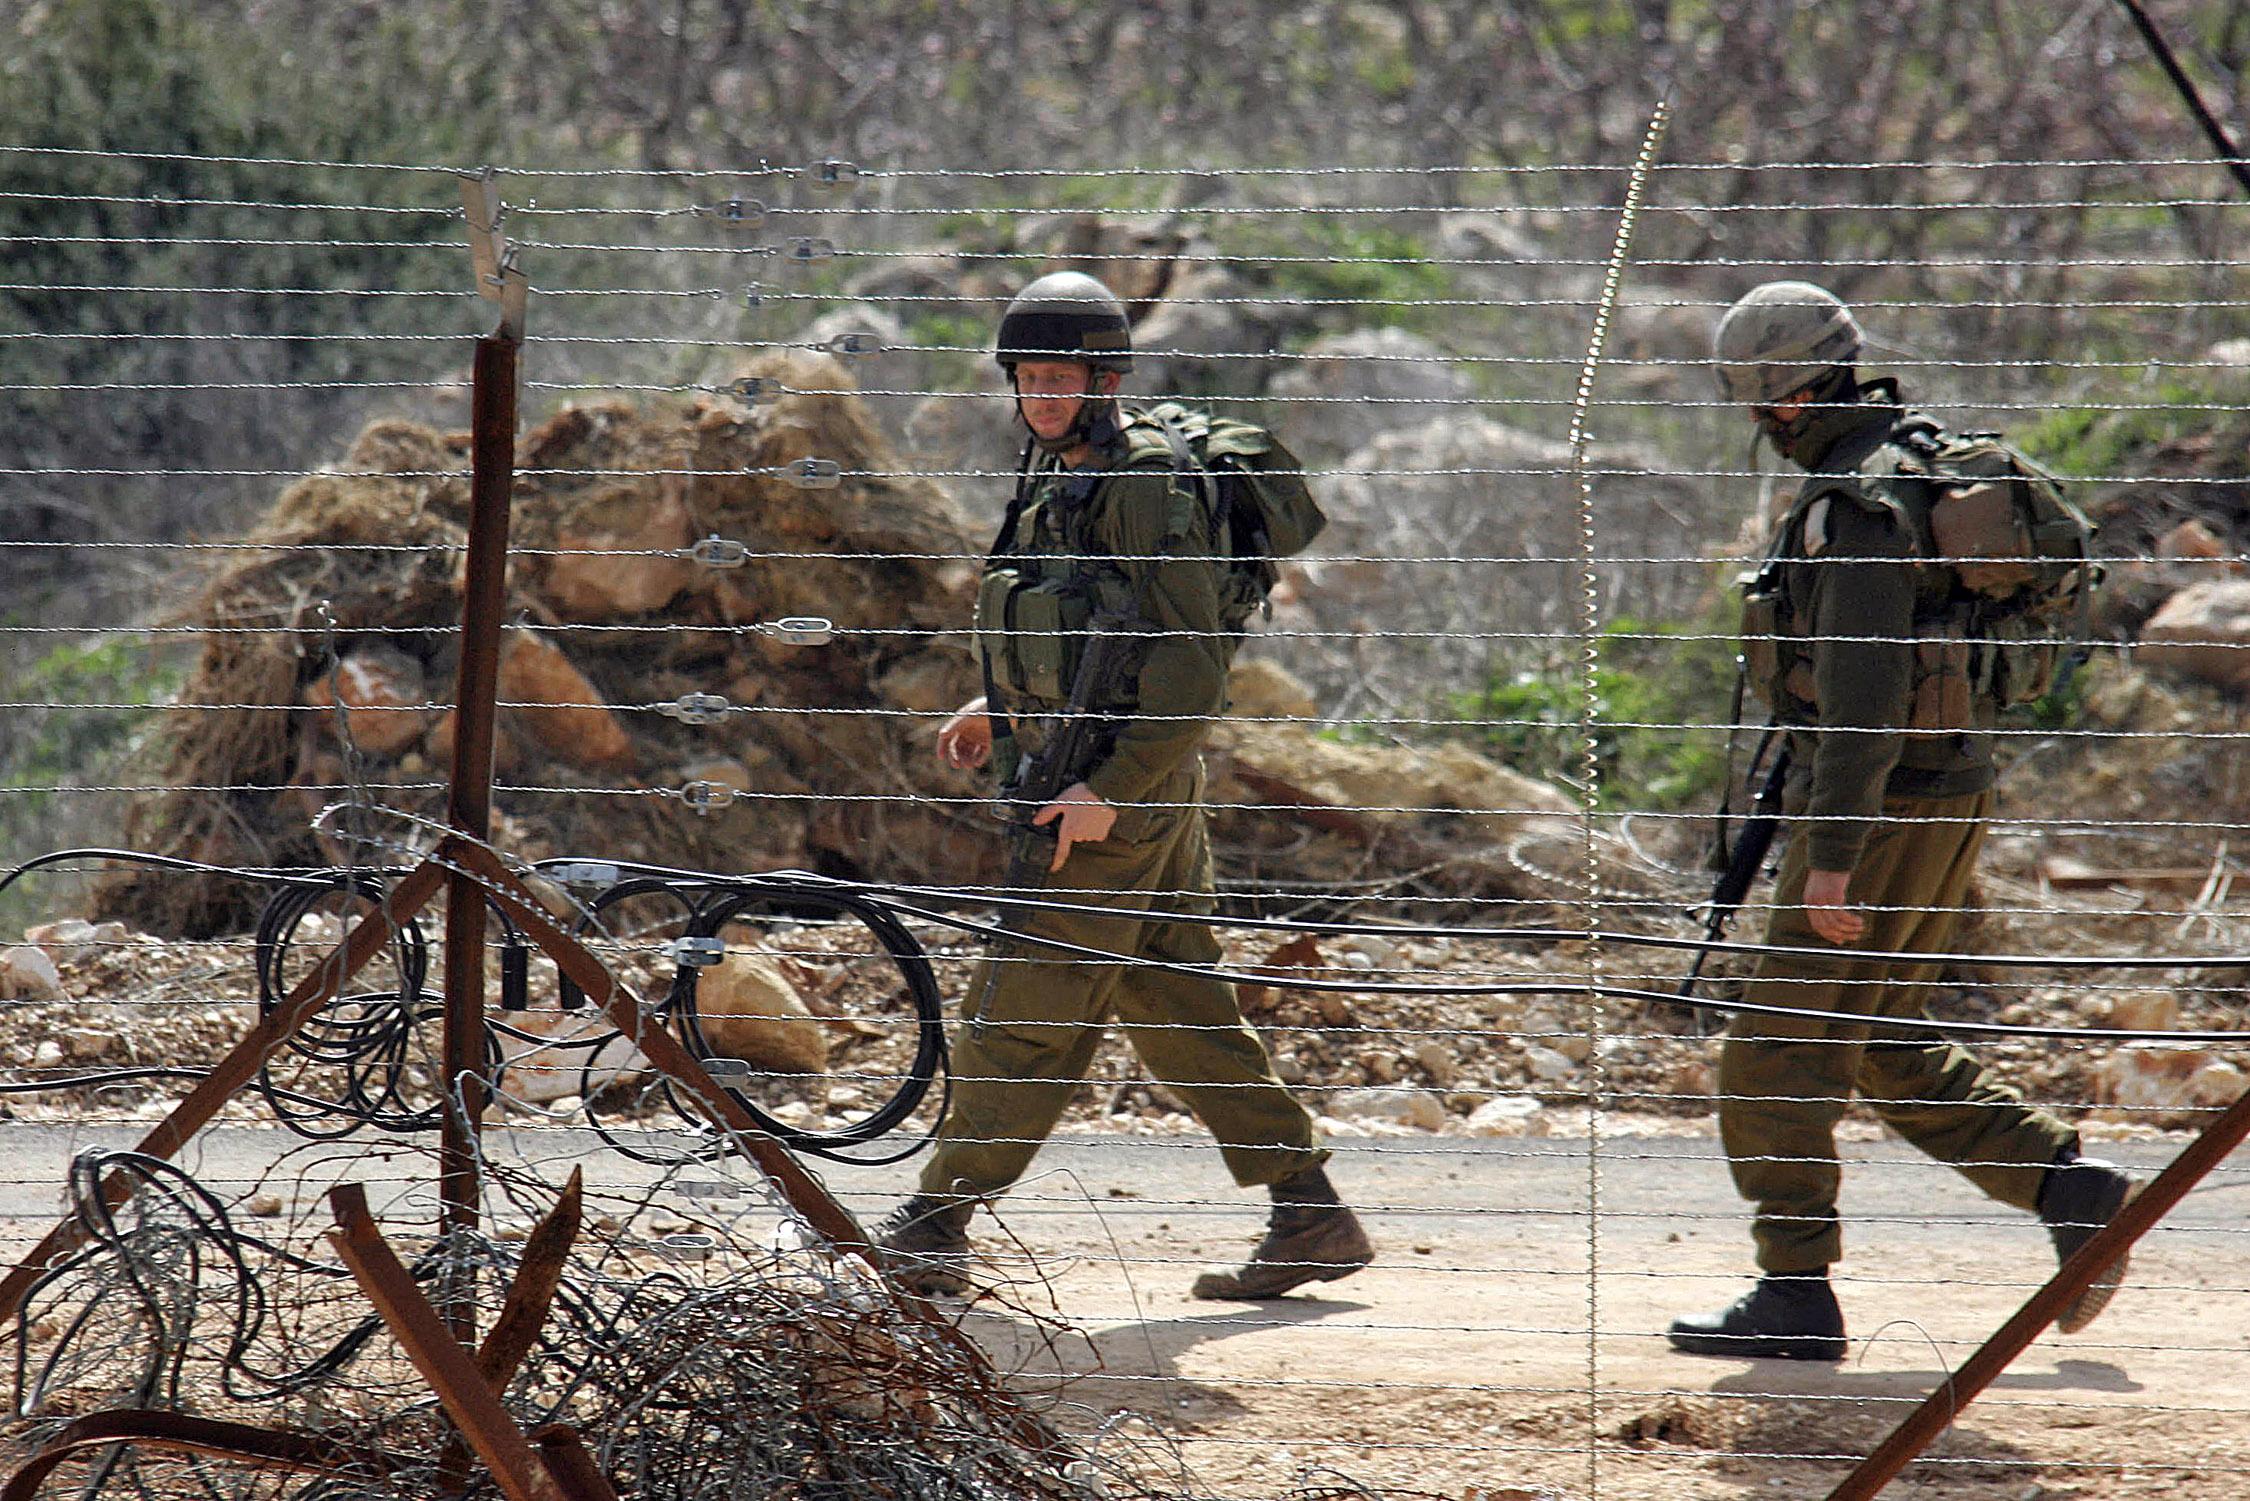 جنديان إسرائيليان خلال دورية عند الحدود الإسرائيلية-اللبنانية، ارشيف